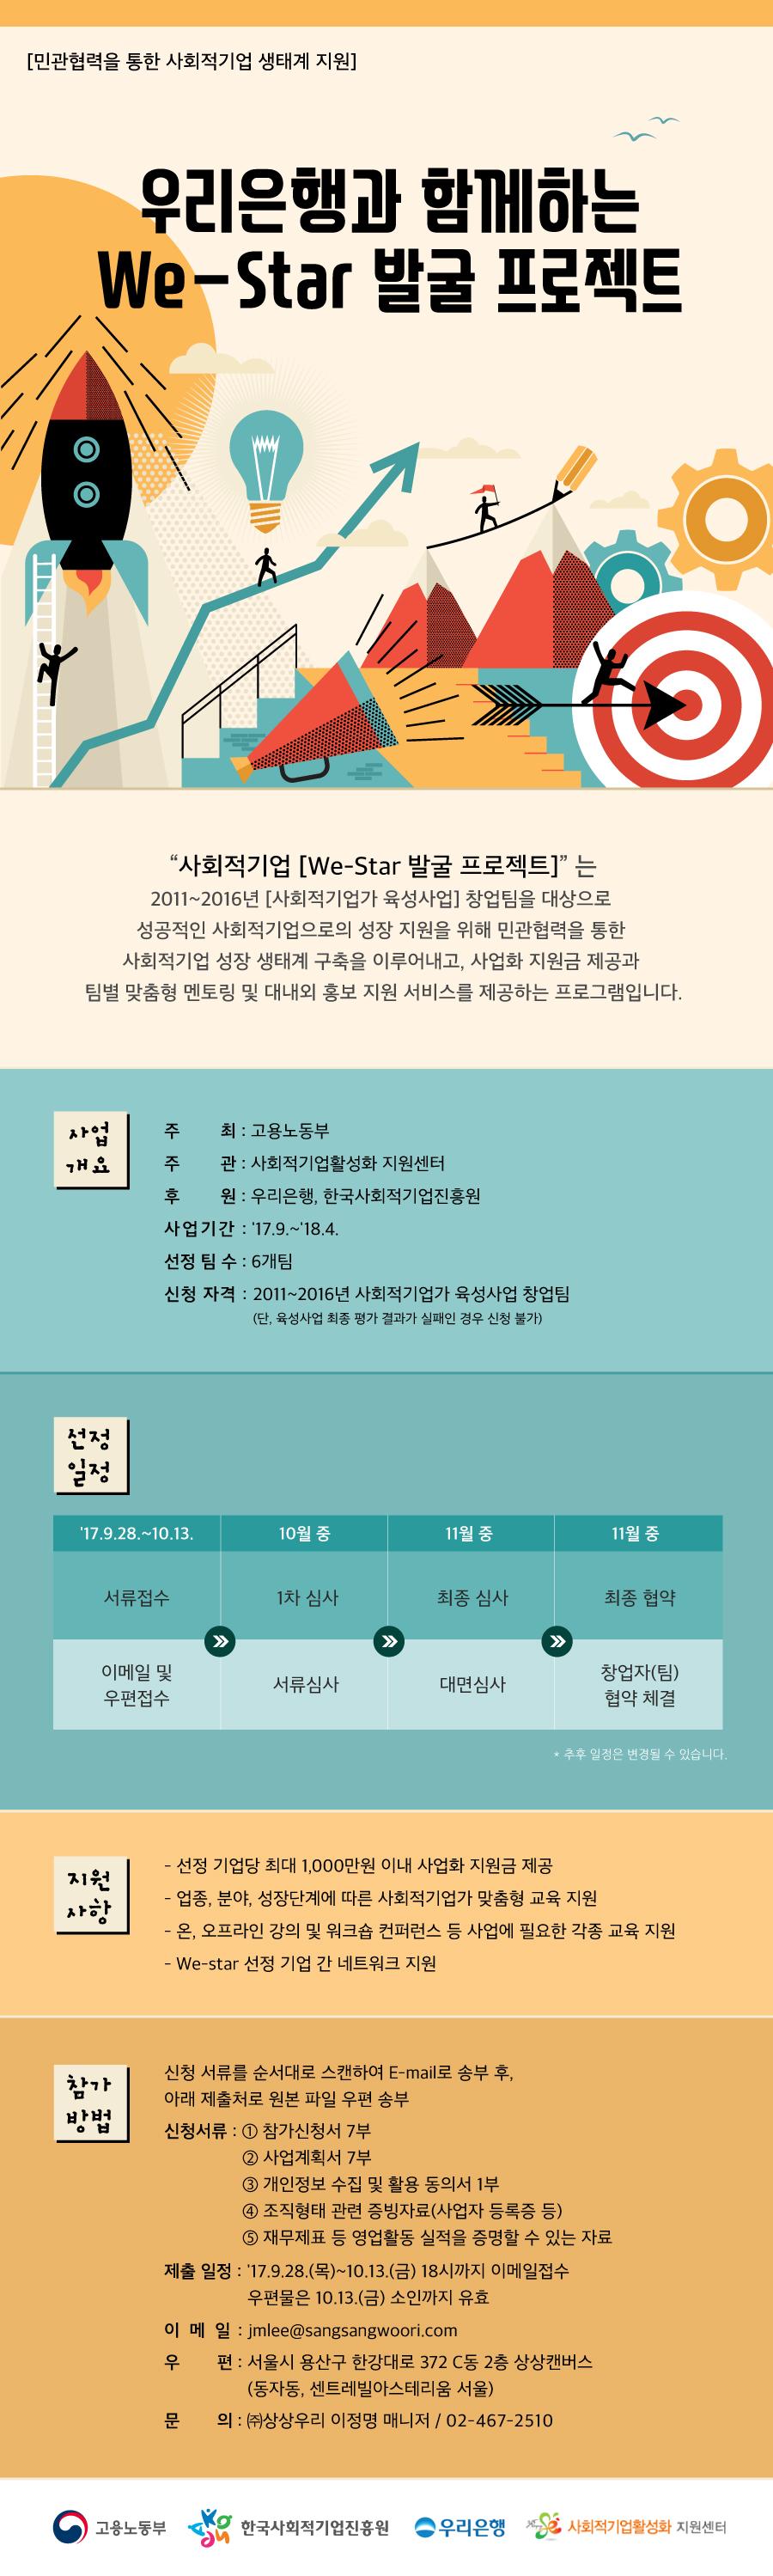 사회적기업가 육성사업 we-star 발굴 프로젝트